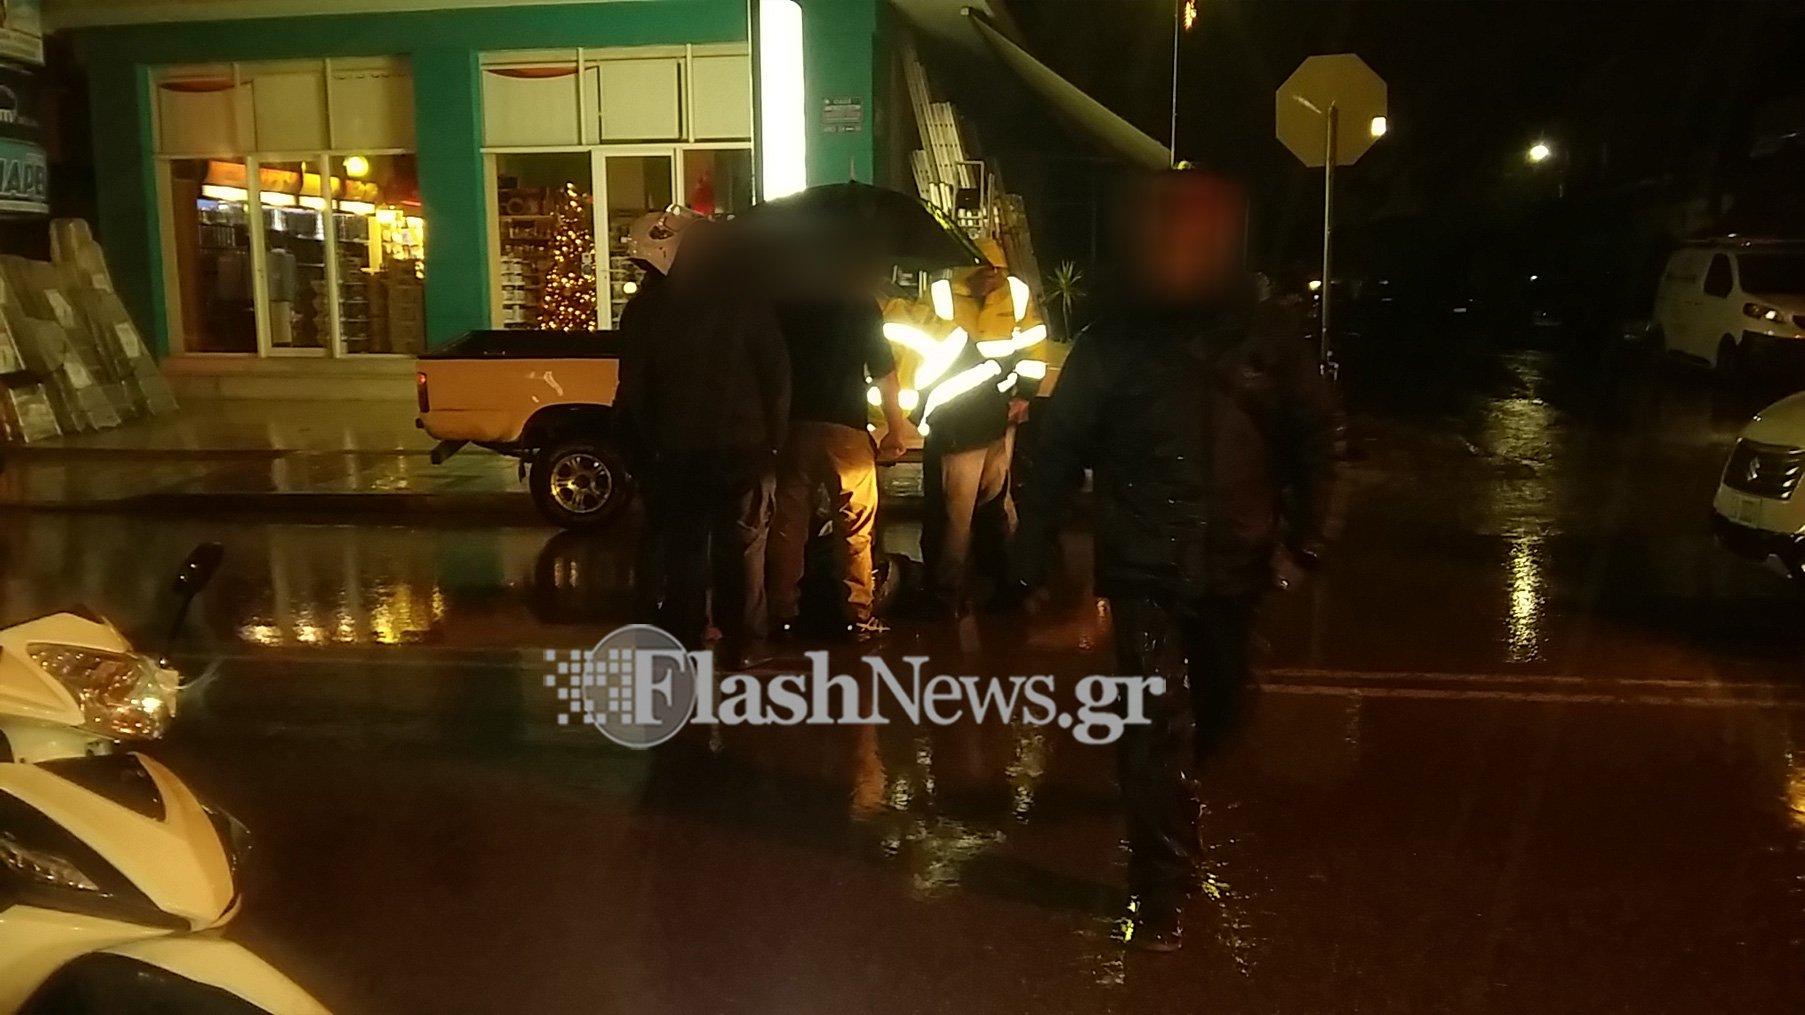 Αυτοκίνητο συγκρούστηκε με οδηγό ντελίβερι στα Χανιά (φωτο)